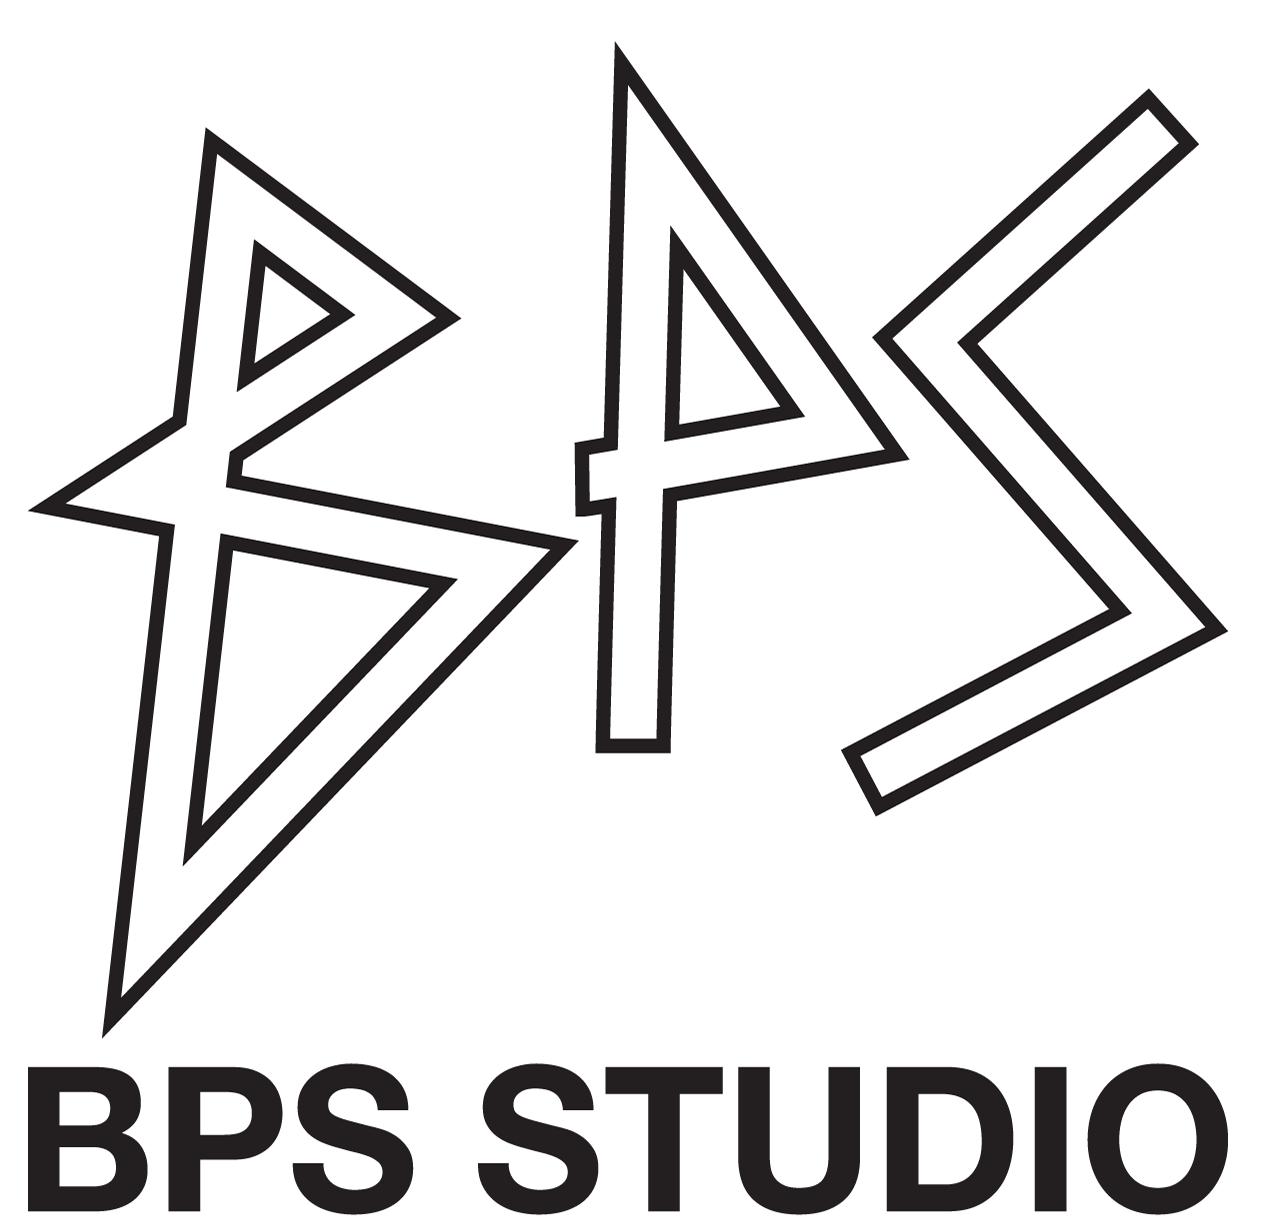 BPS STUDIO